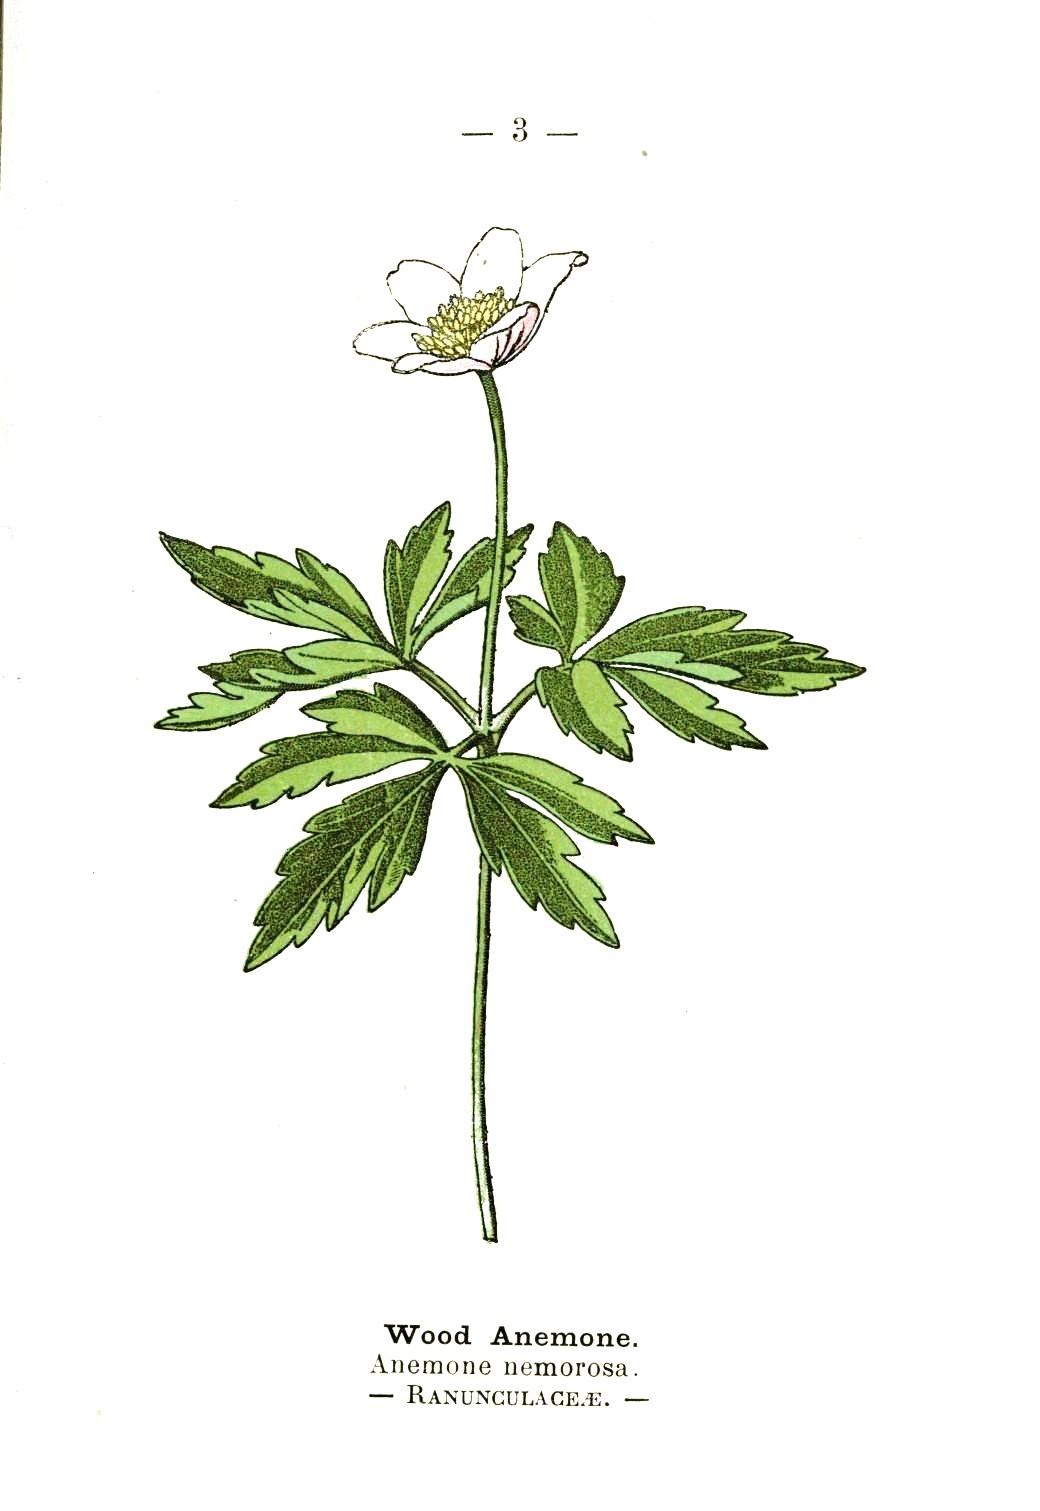 Botanical-Wood-anemone-Wayside-and-Woodland-1895-Plate3.jpeg